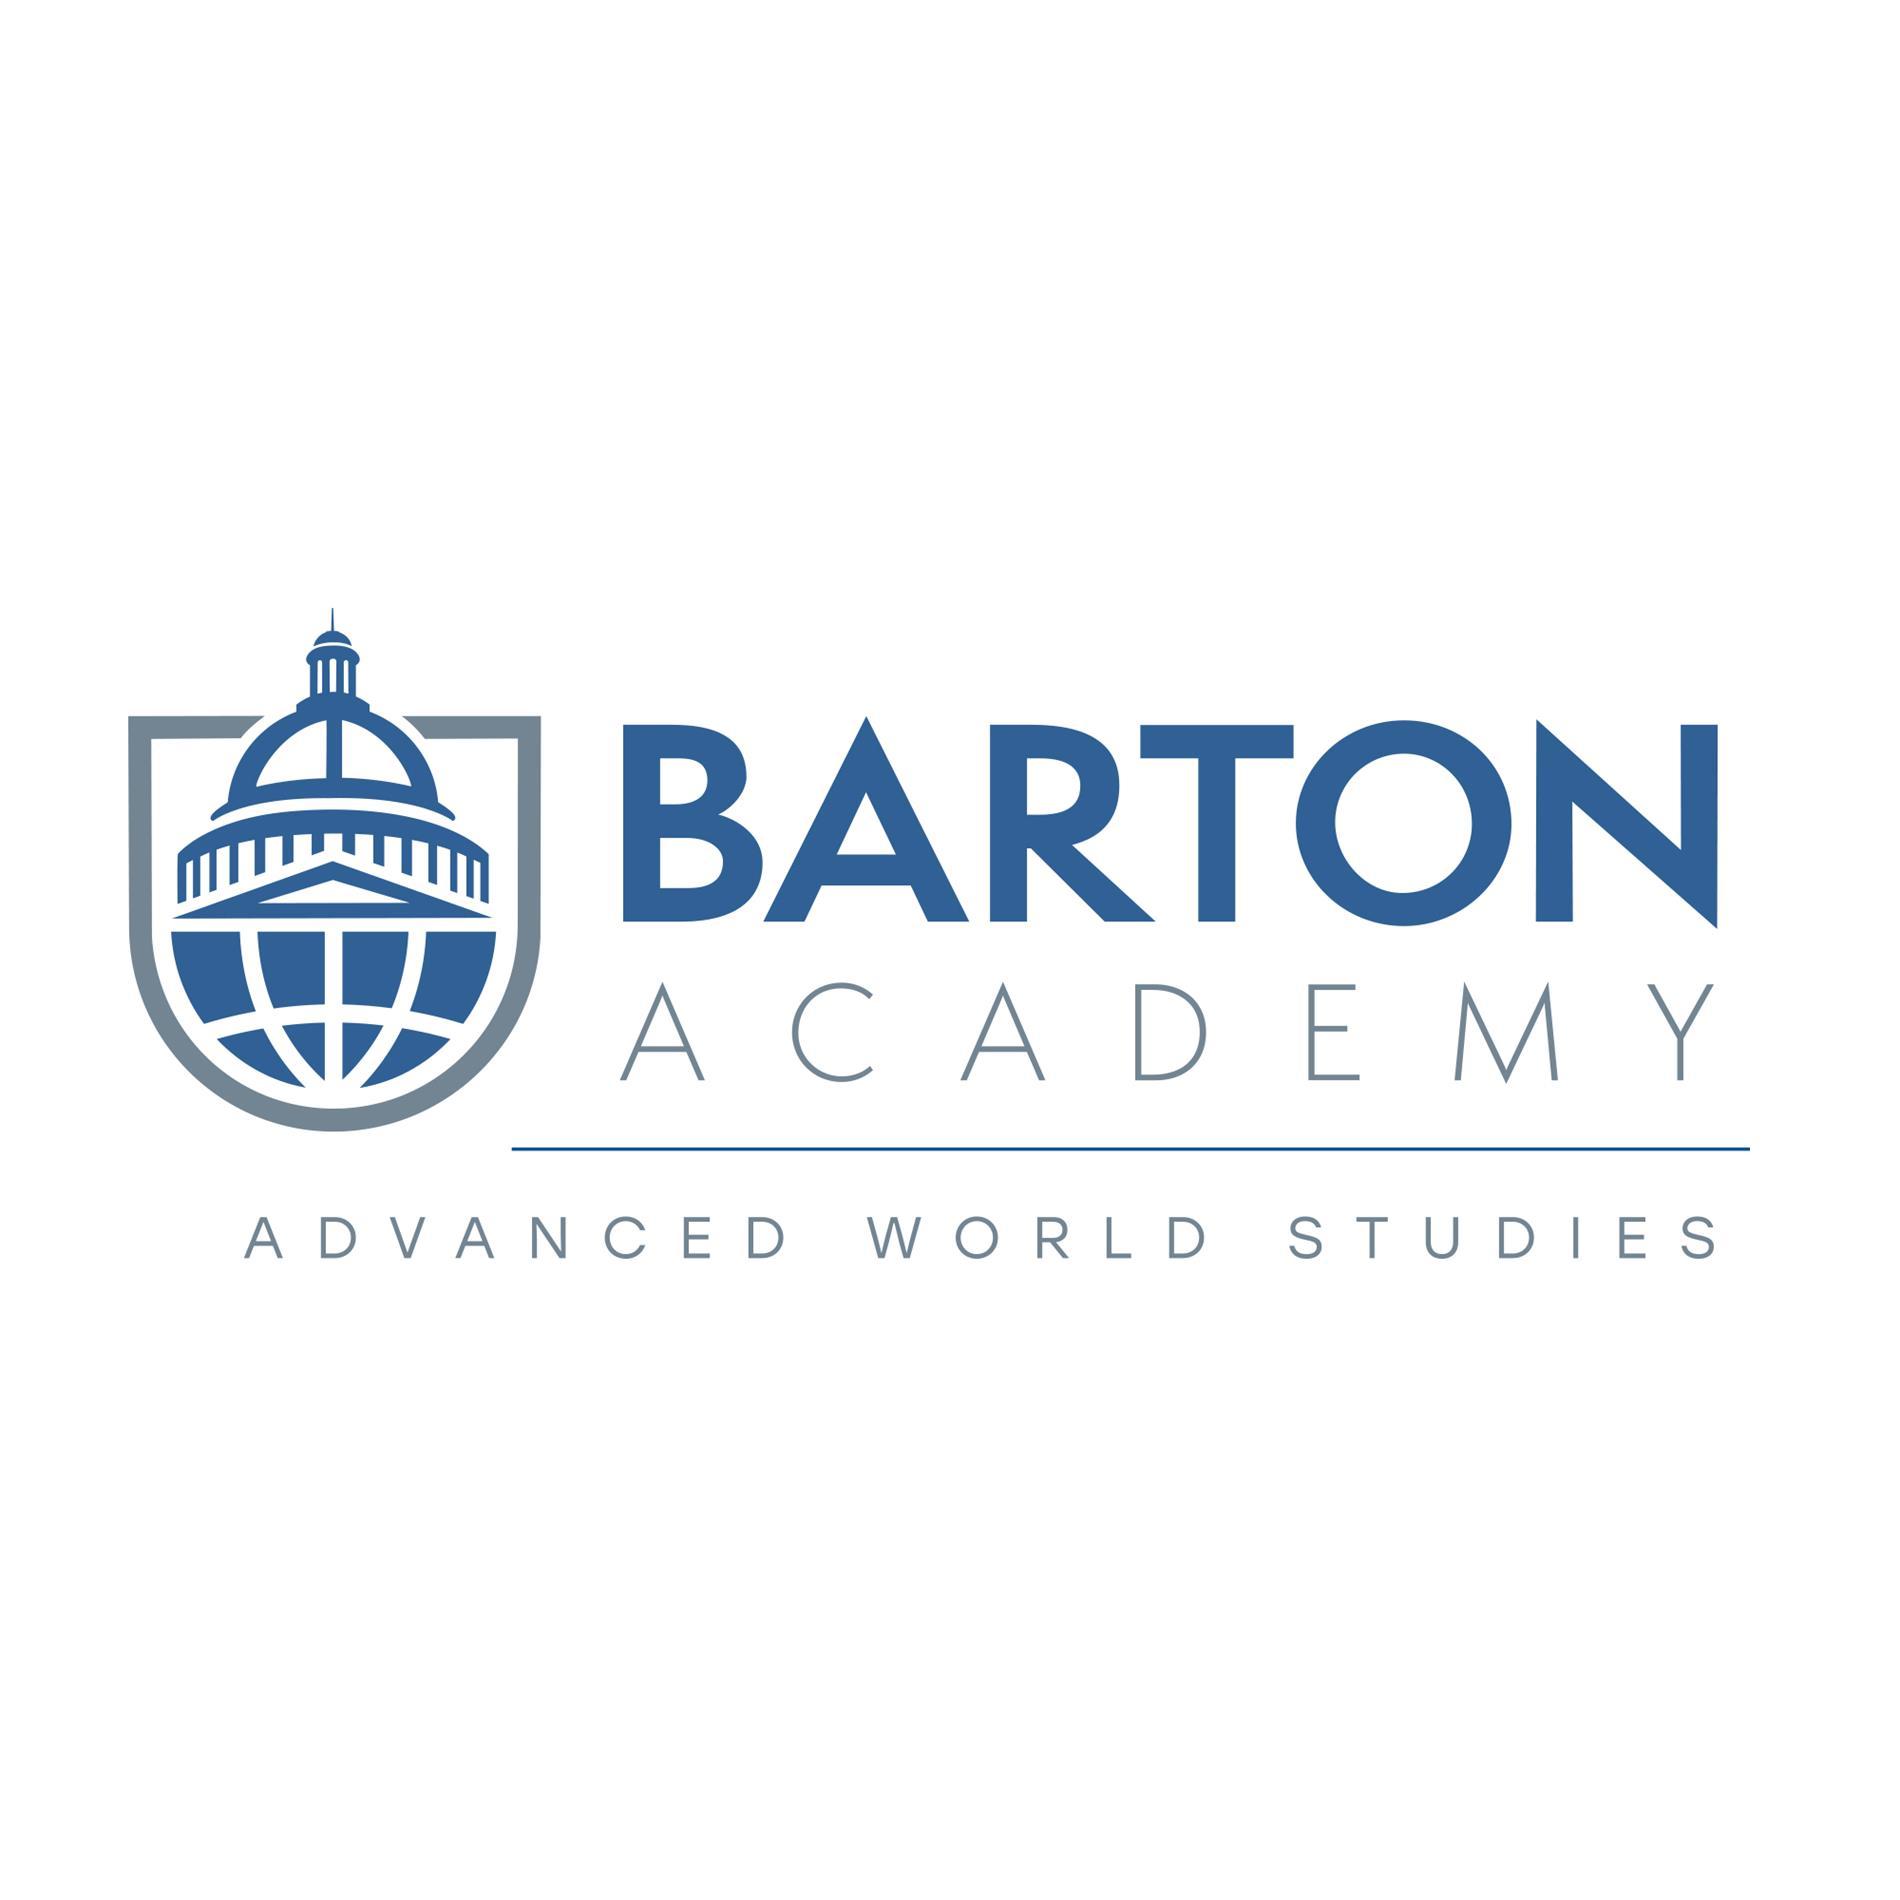 Barton Academy